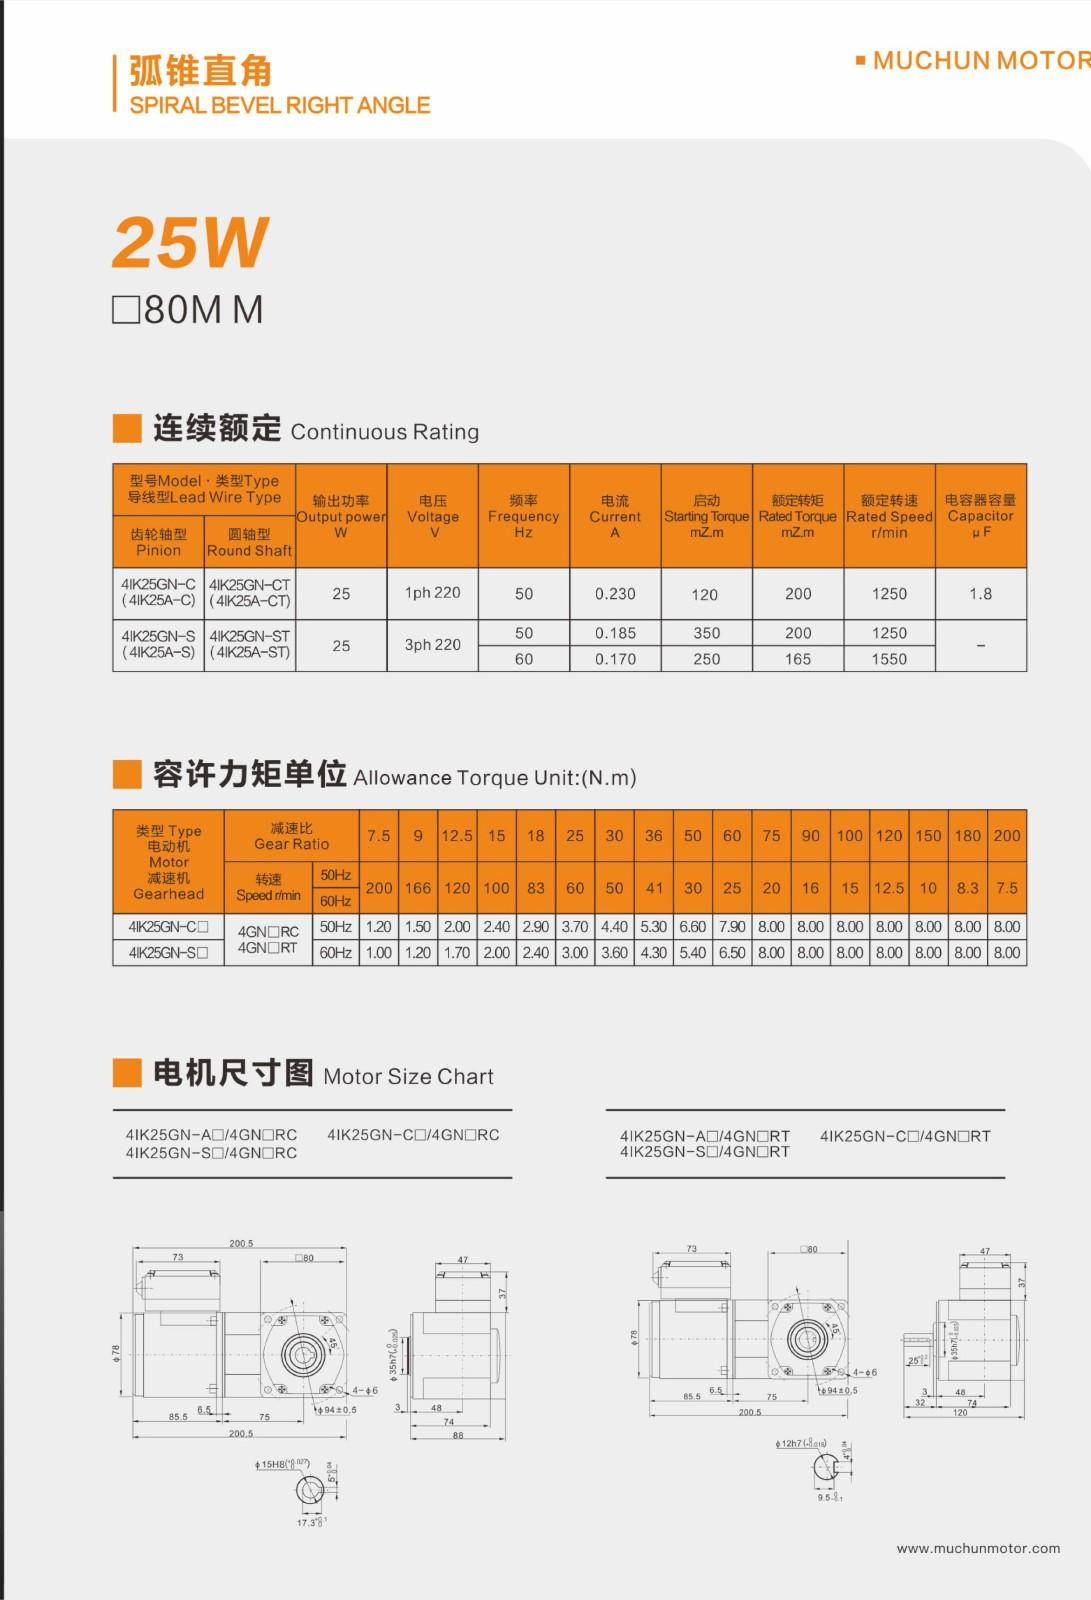 微型直角電機25W-250W尺寸圖 技術資料-東莞市木春實業有限公司